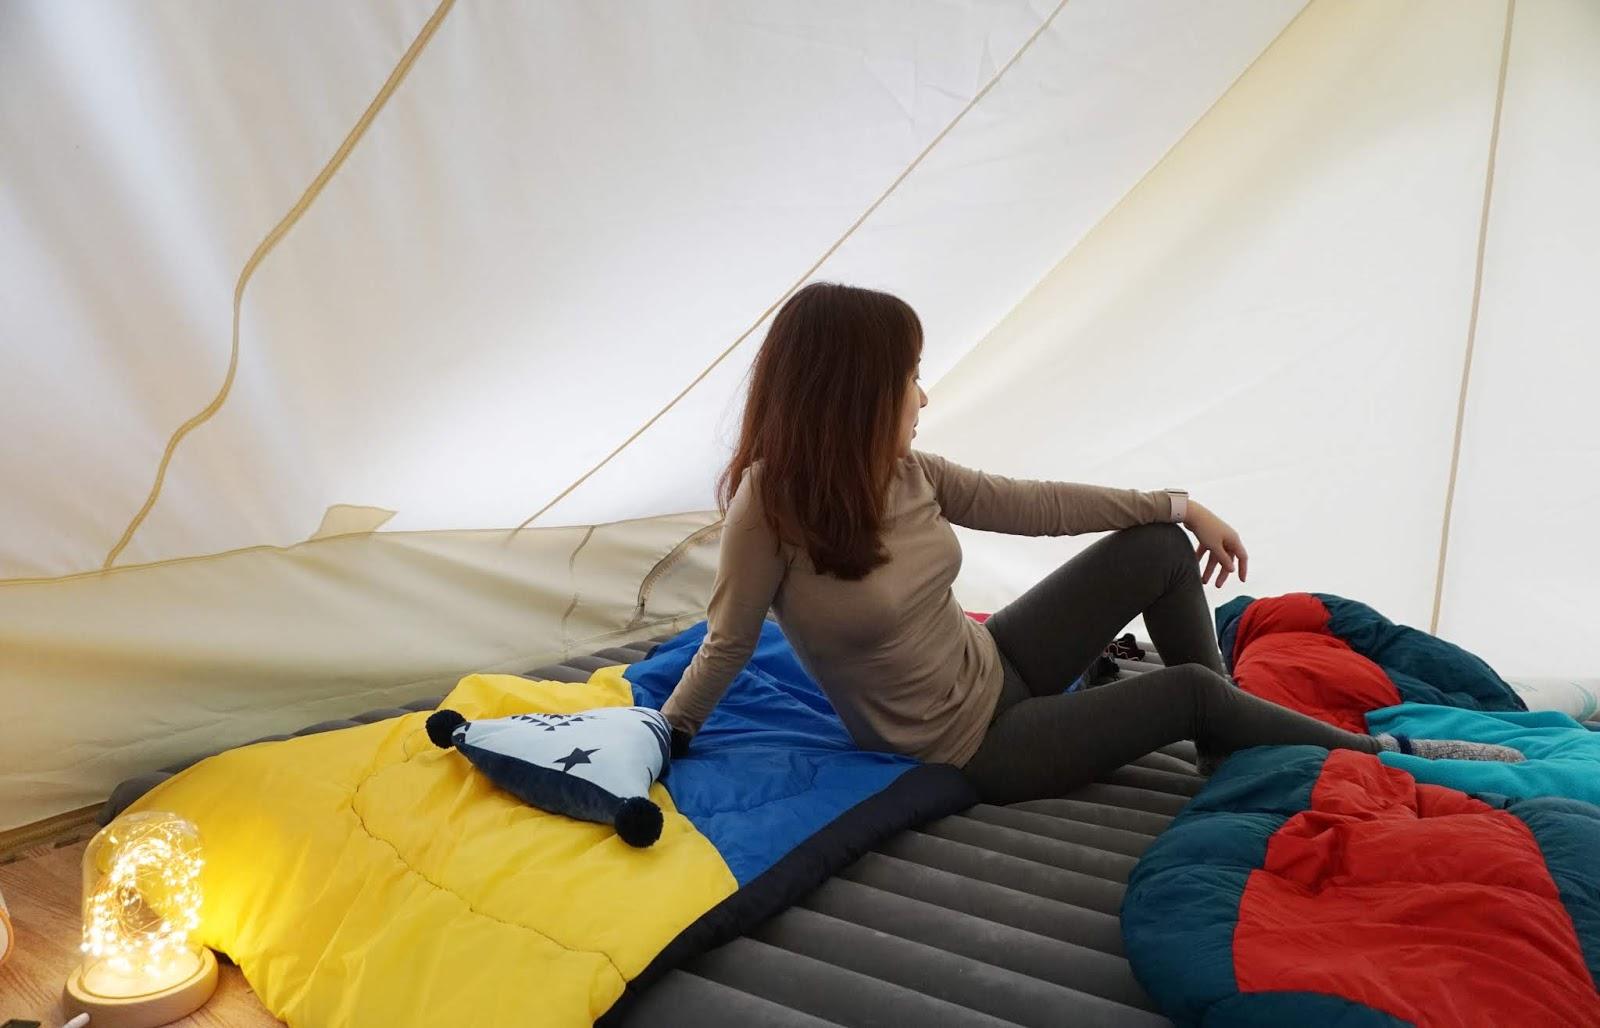 11_Peilou_dj%25E7%2590%25A6%25E7%2590%25A6_www.hostkiki.com_camping.JPG-媽媽最愛換季聰明買 | 天絲、純棉內著給你舒適溫暖的春天